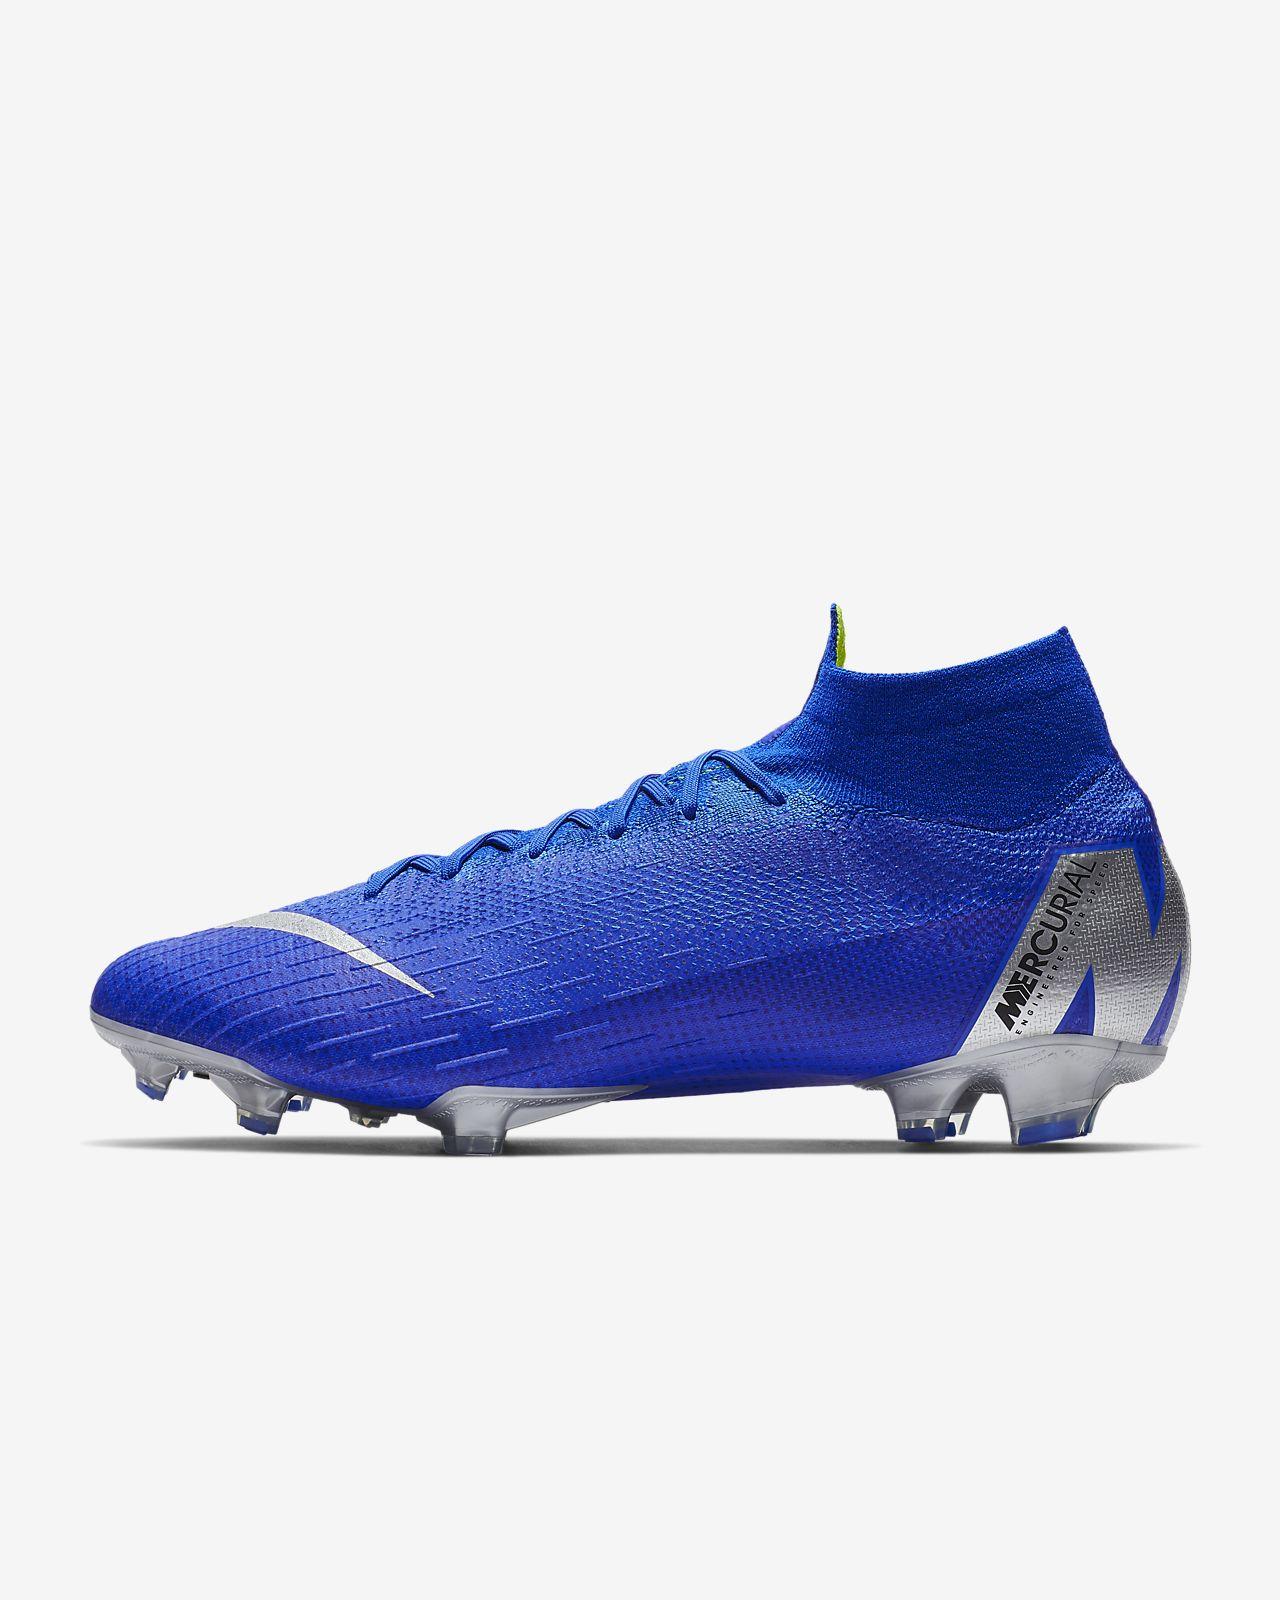 3d90c5bc82cb0 Nike Superfly 6 Elite FG Botes de futbol per a terreny ferm. Nike.com ES